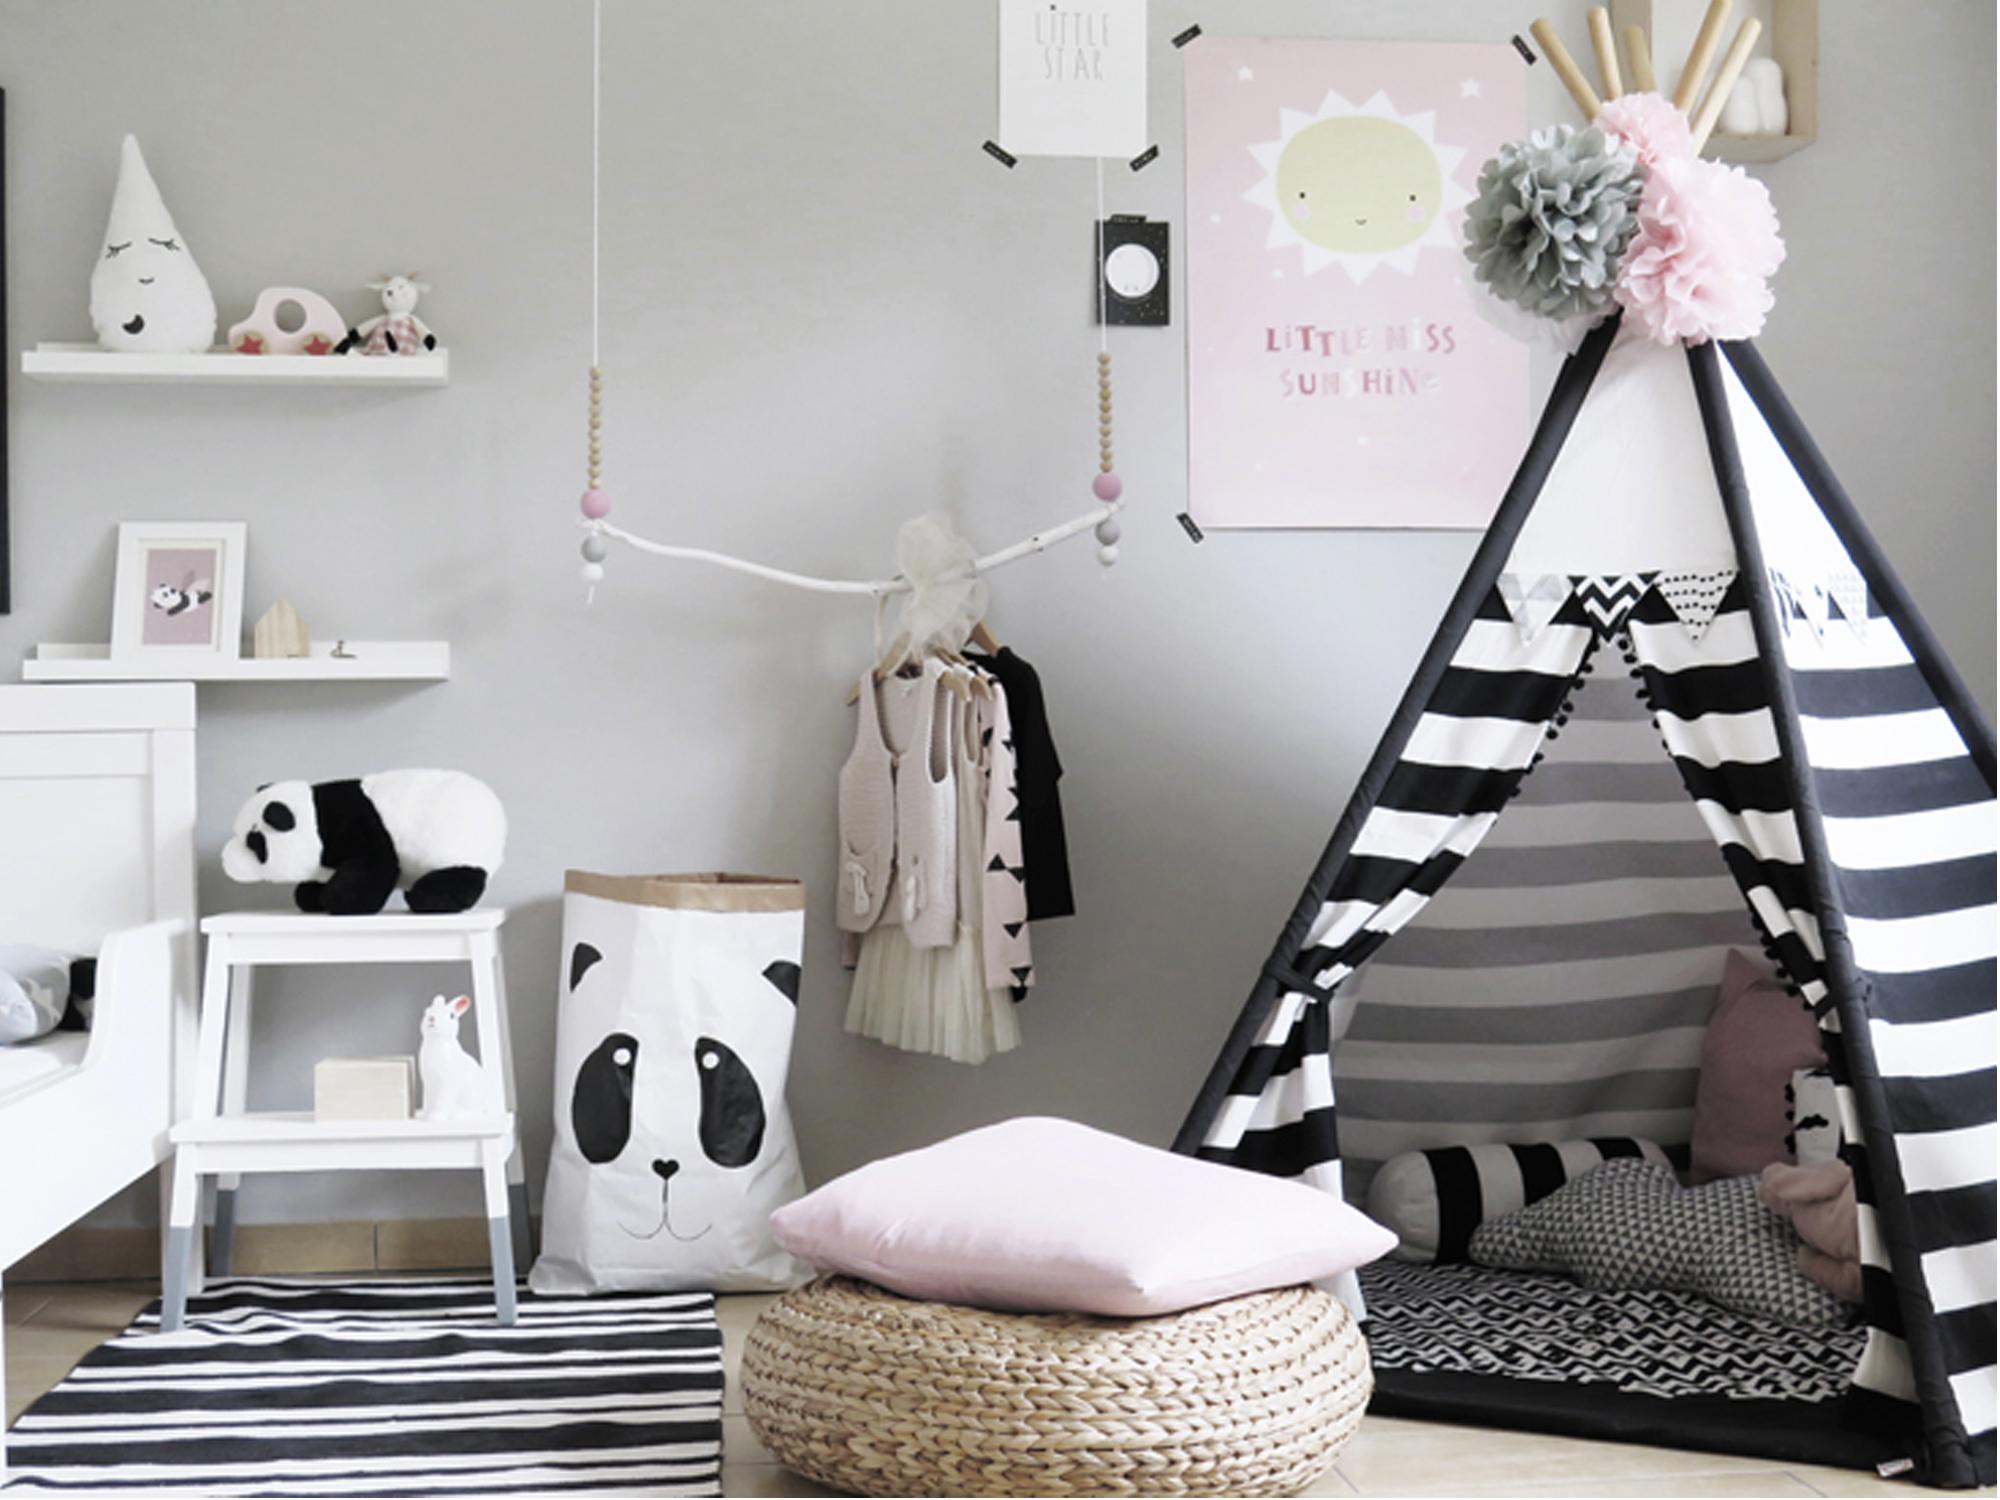 Pinterest 12 chambres d 39 enfants en noir et blanc d co - Deco chambre en noir et blanc ...